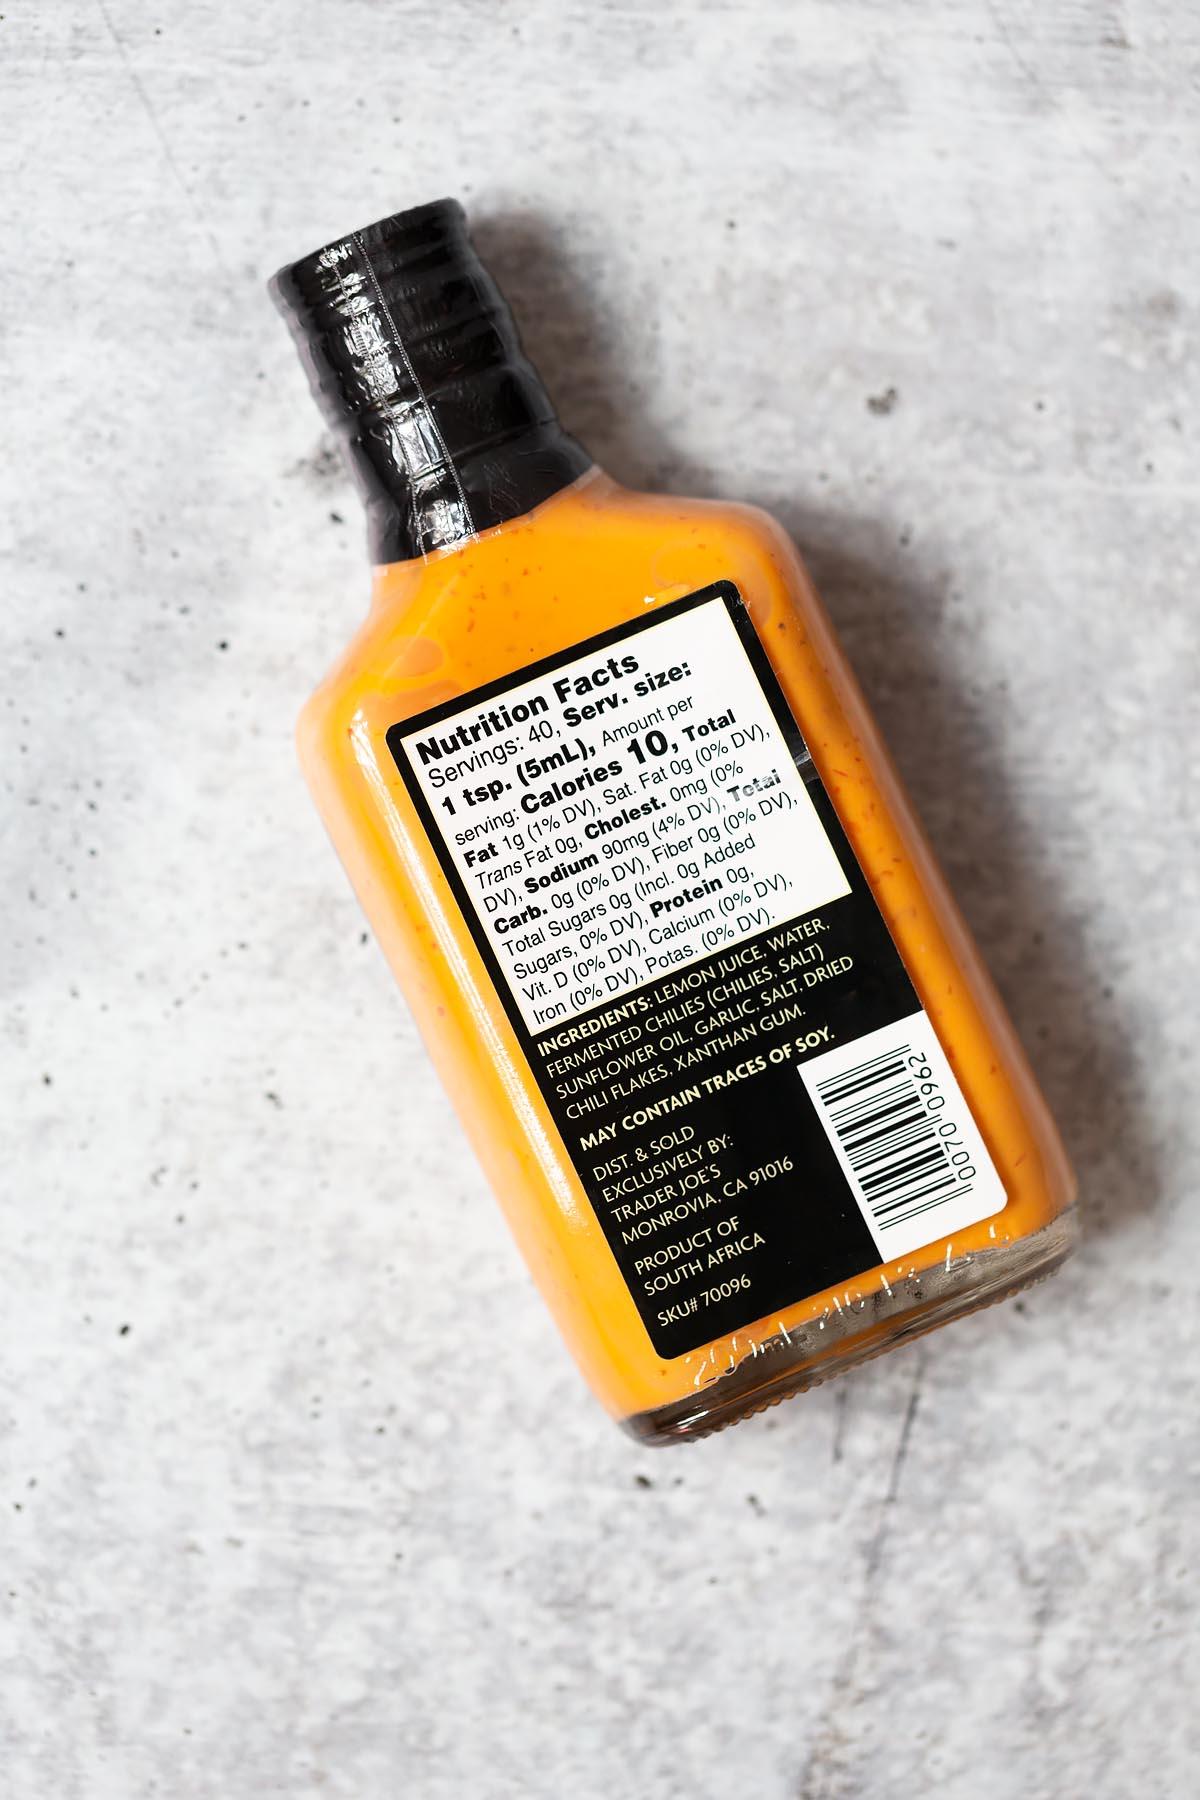 trader joes peri peri sauce ingredient label